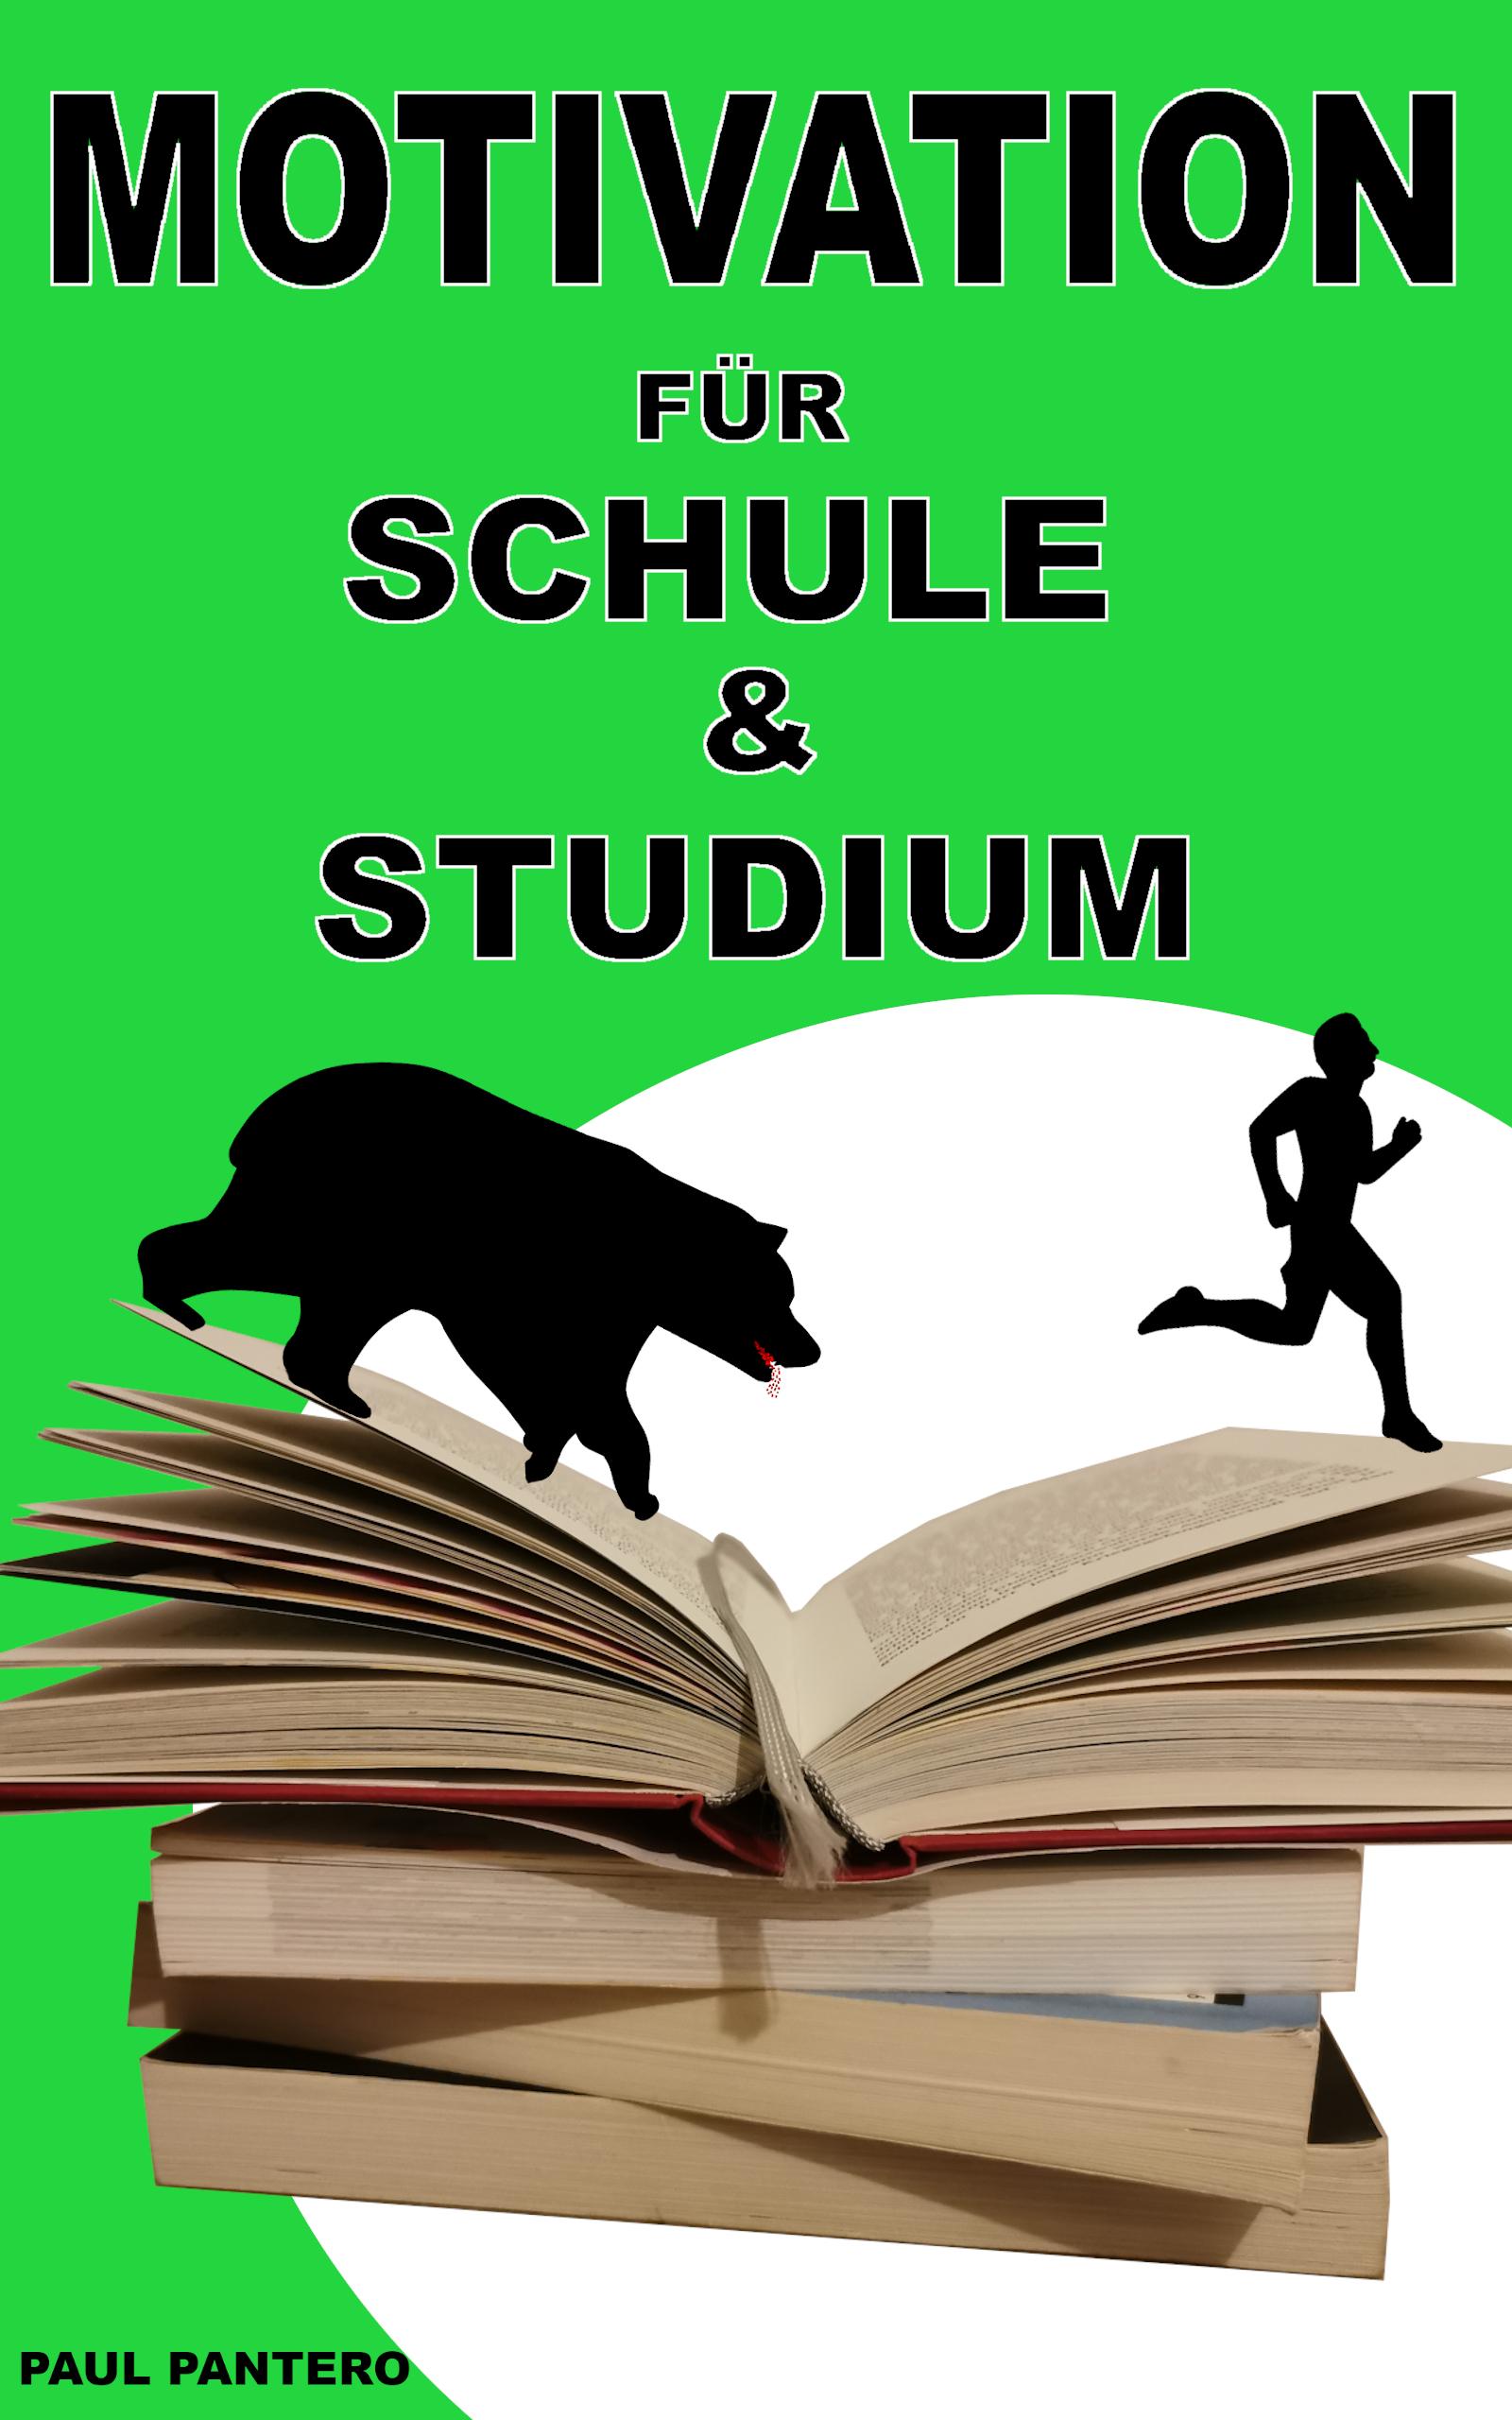 Kostenloses ebook, Motivation für Schule & Studium!